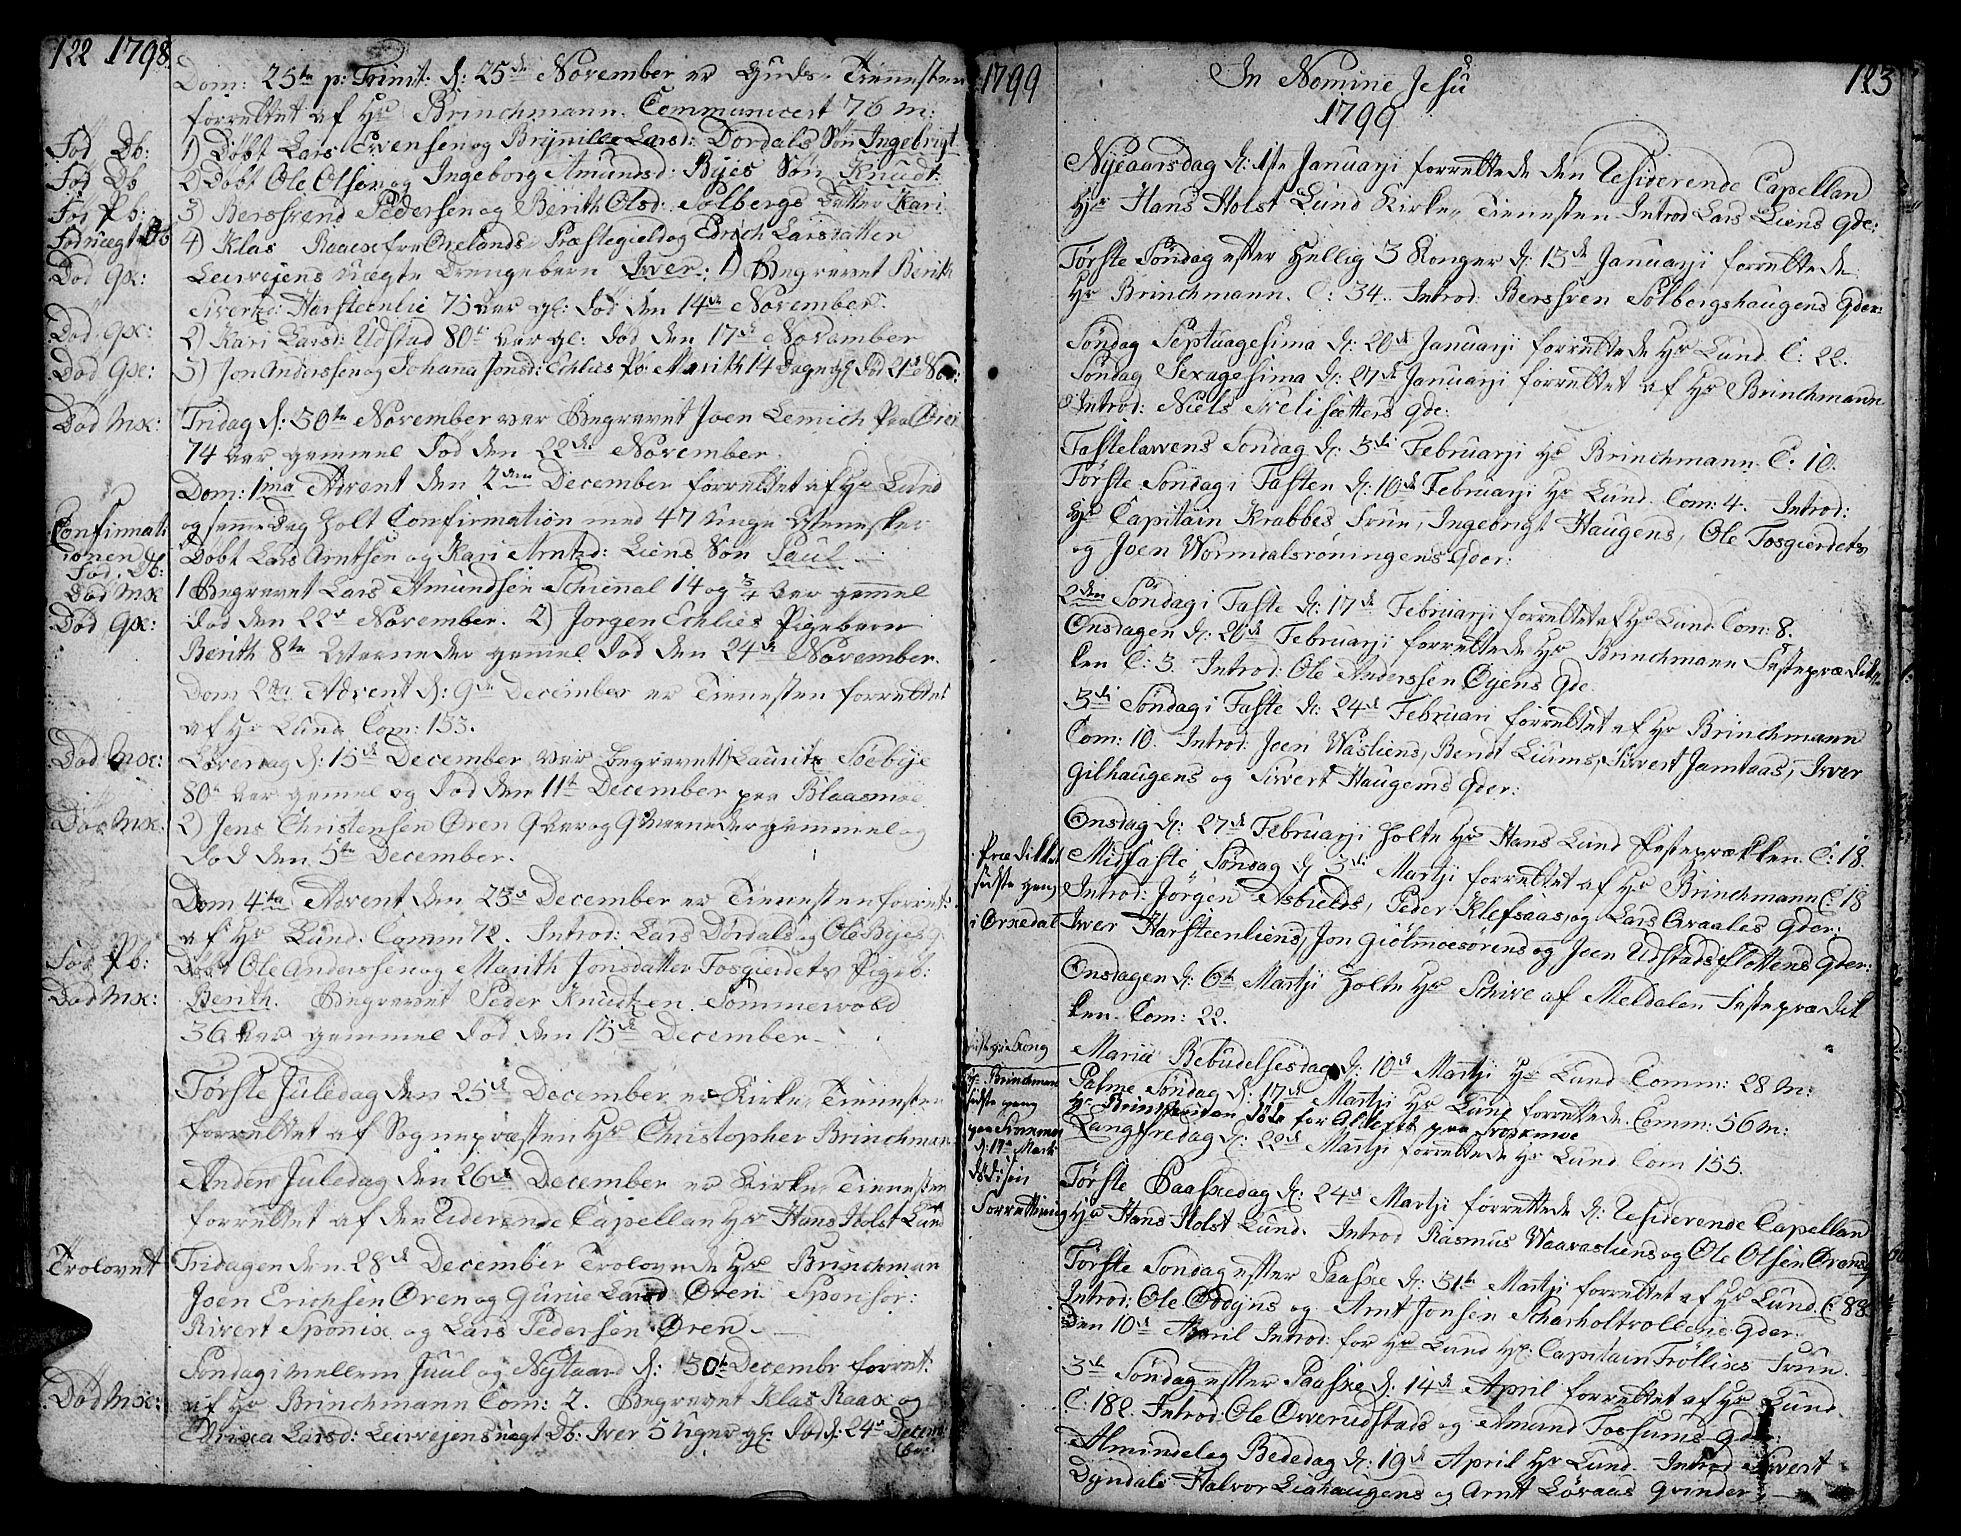 SAT, Ministerialprotokoller, klokkerbøker og fødselsregistre - Sør-Trøndelag, 668/L0815: Klokkerbok nr. 668C04, 1791-1815, s. 122-123